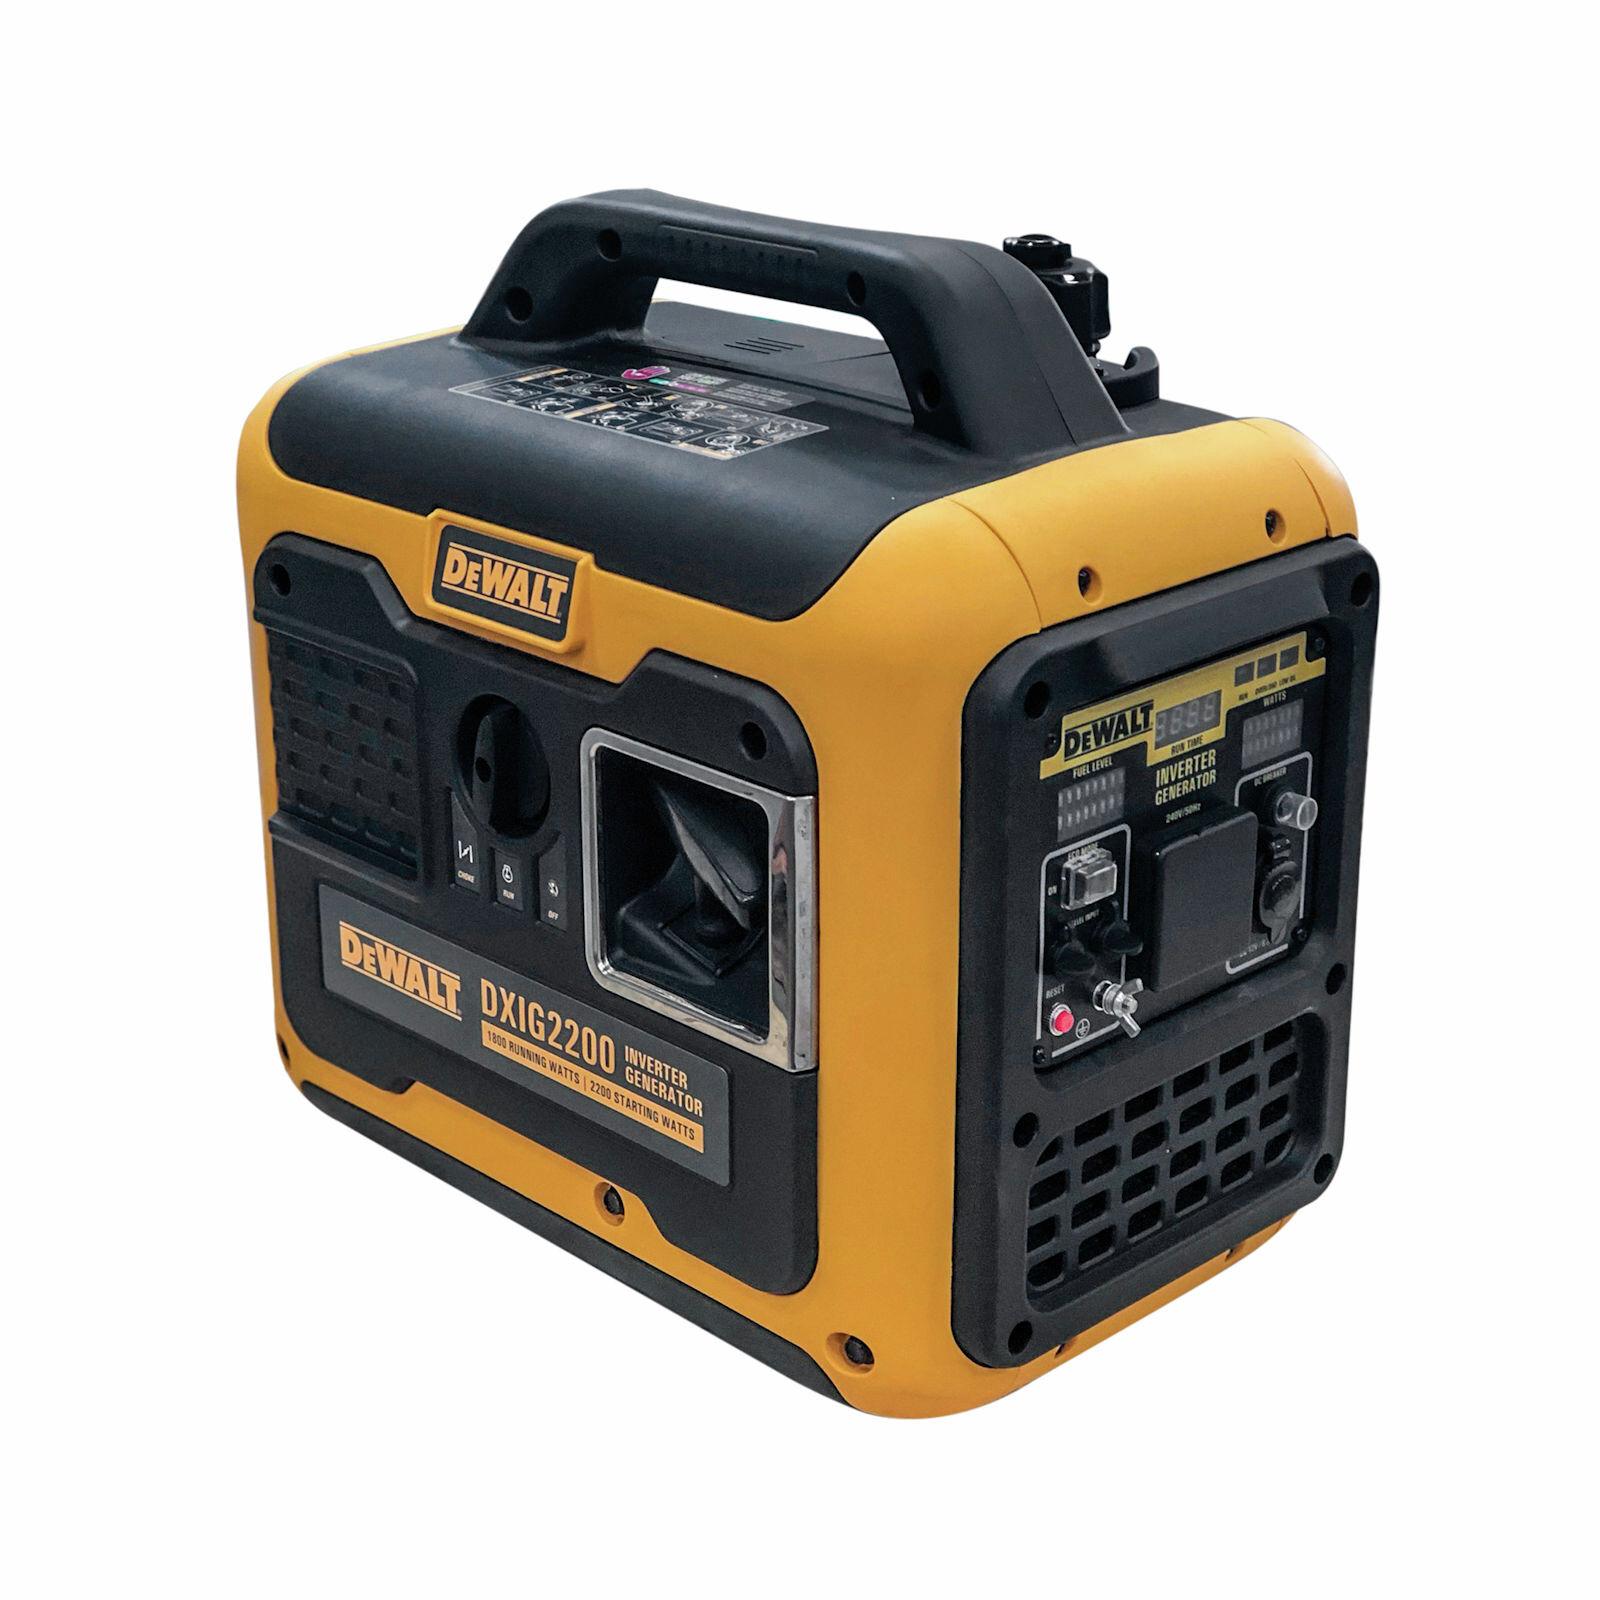 DeWALT 2200W Inverter Generator